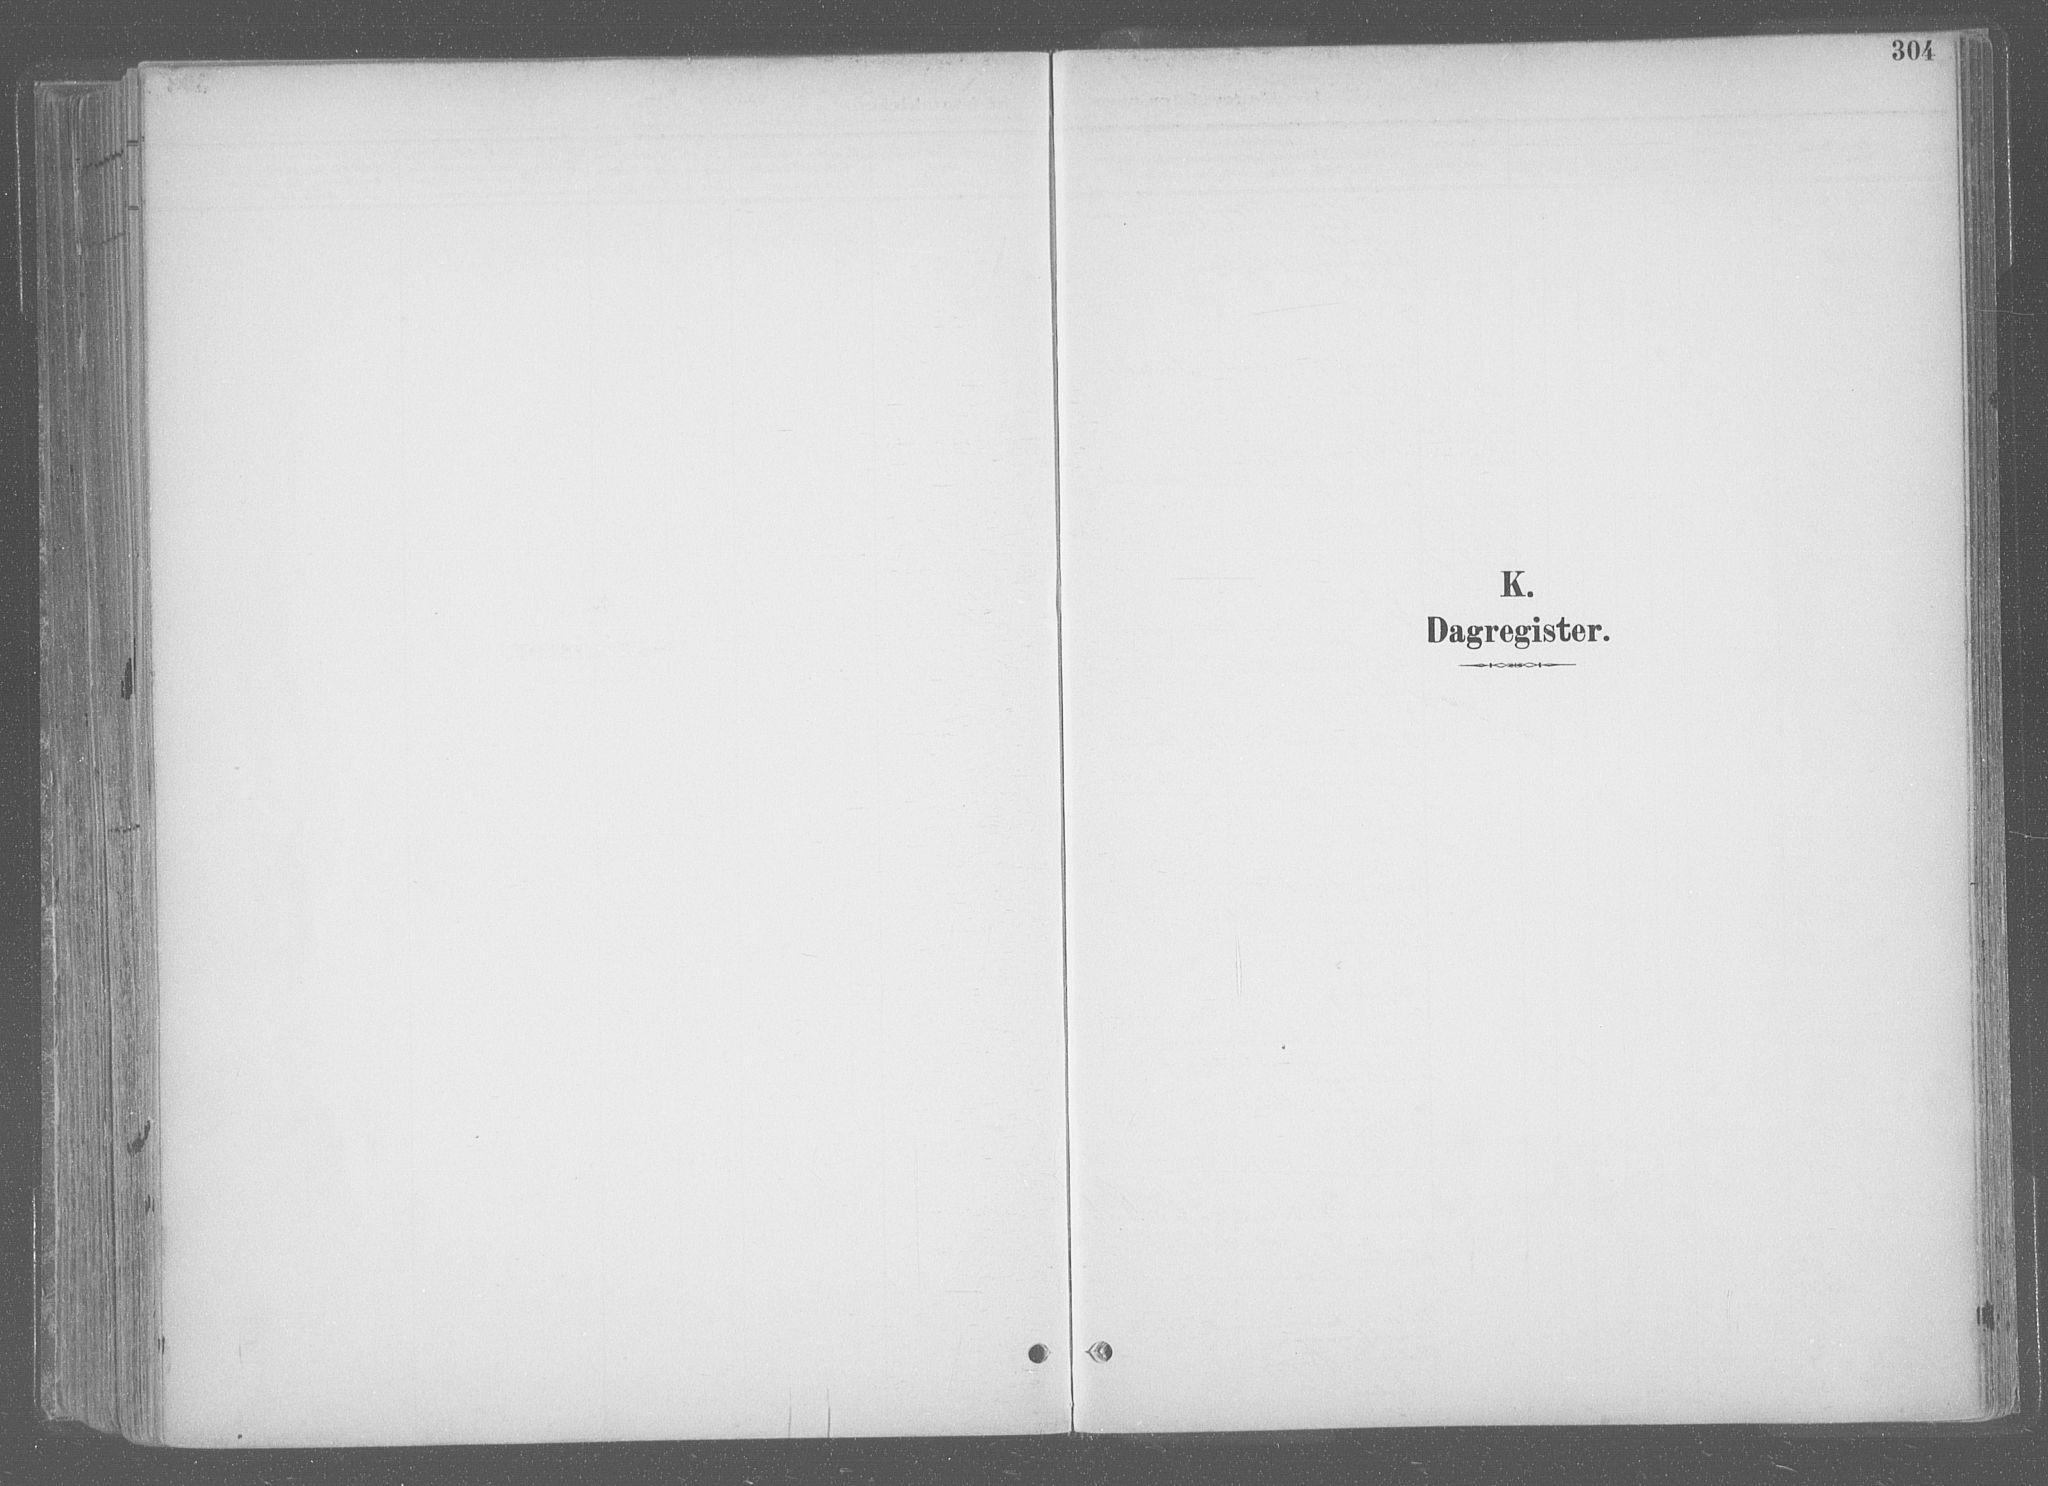 SAT, Ministerialprotokoller, klokkerbøker og fødselsregistre - Sør-Trøndelag, 601/L0064: Ministerialbok nr. 601A31, 1891-1911, s. 304